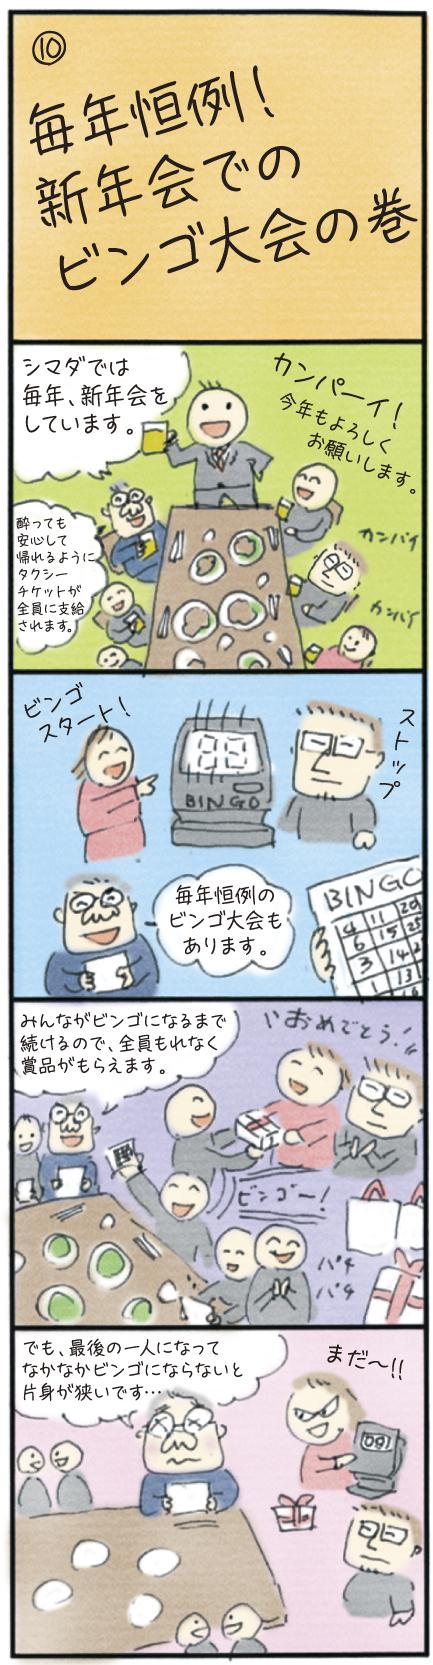 bingo200114.jpg